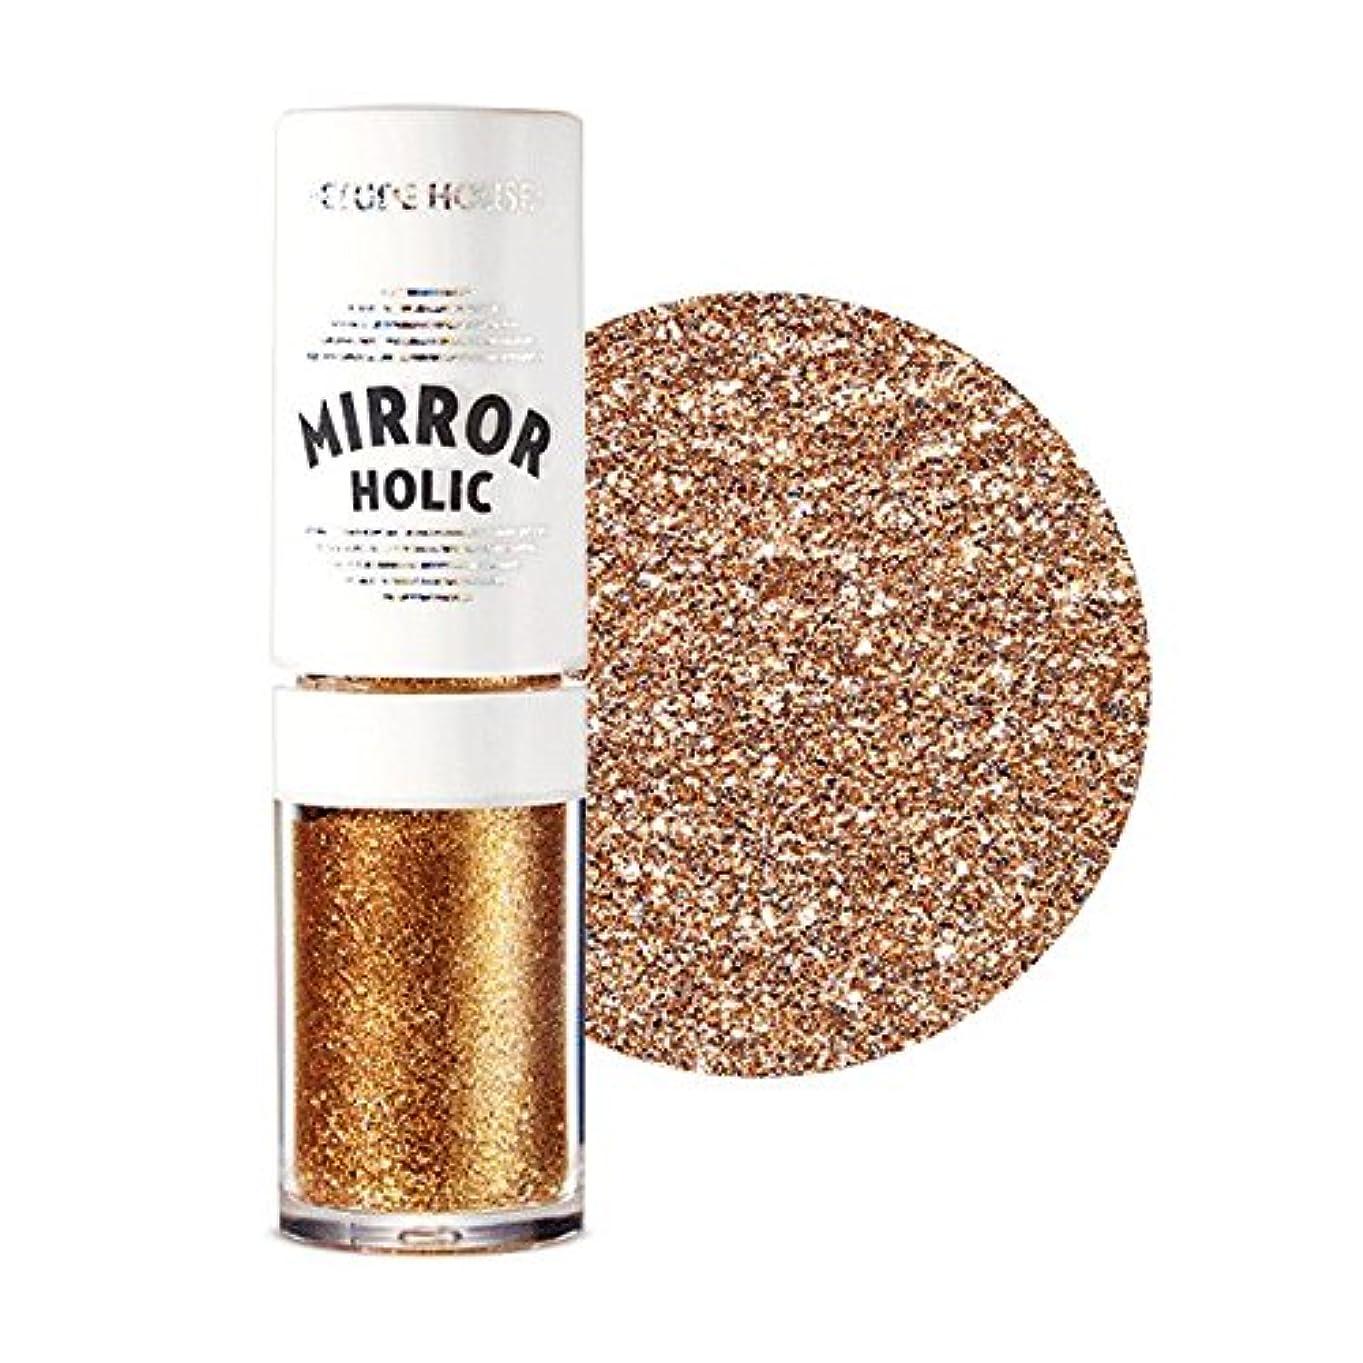 から聞くナインへ生命体ETUDE HOUSE Mirror Holic Liquid Eyes / エチュードハウス ミラーホリックリキッドアイズ ミラーホリックリキッドアイズ (BE102) [並行輸入品]